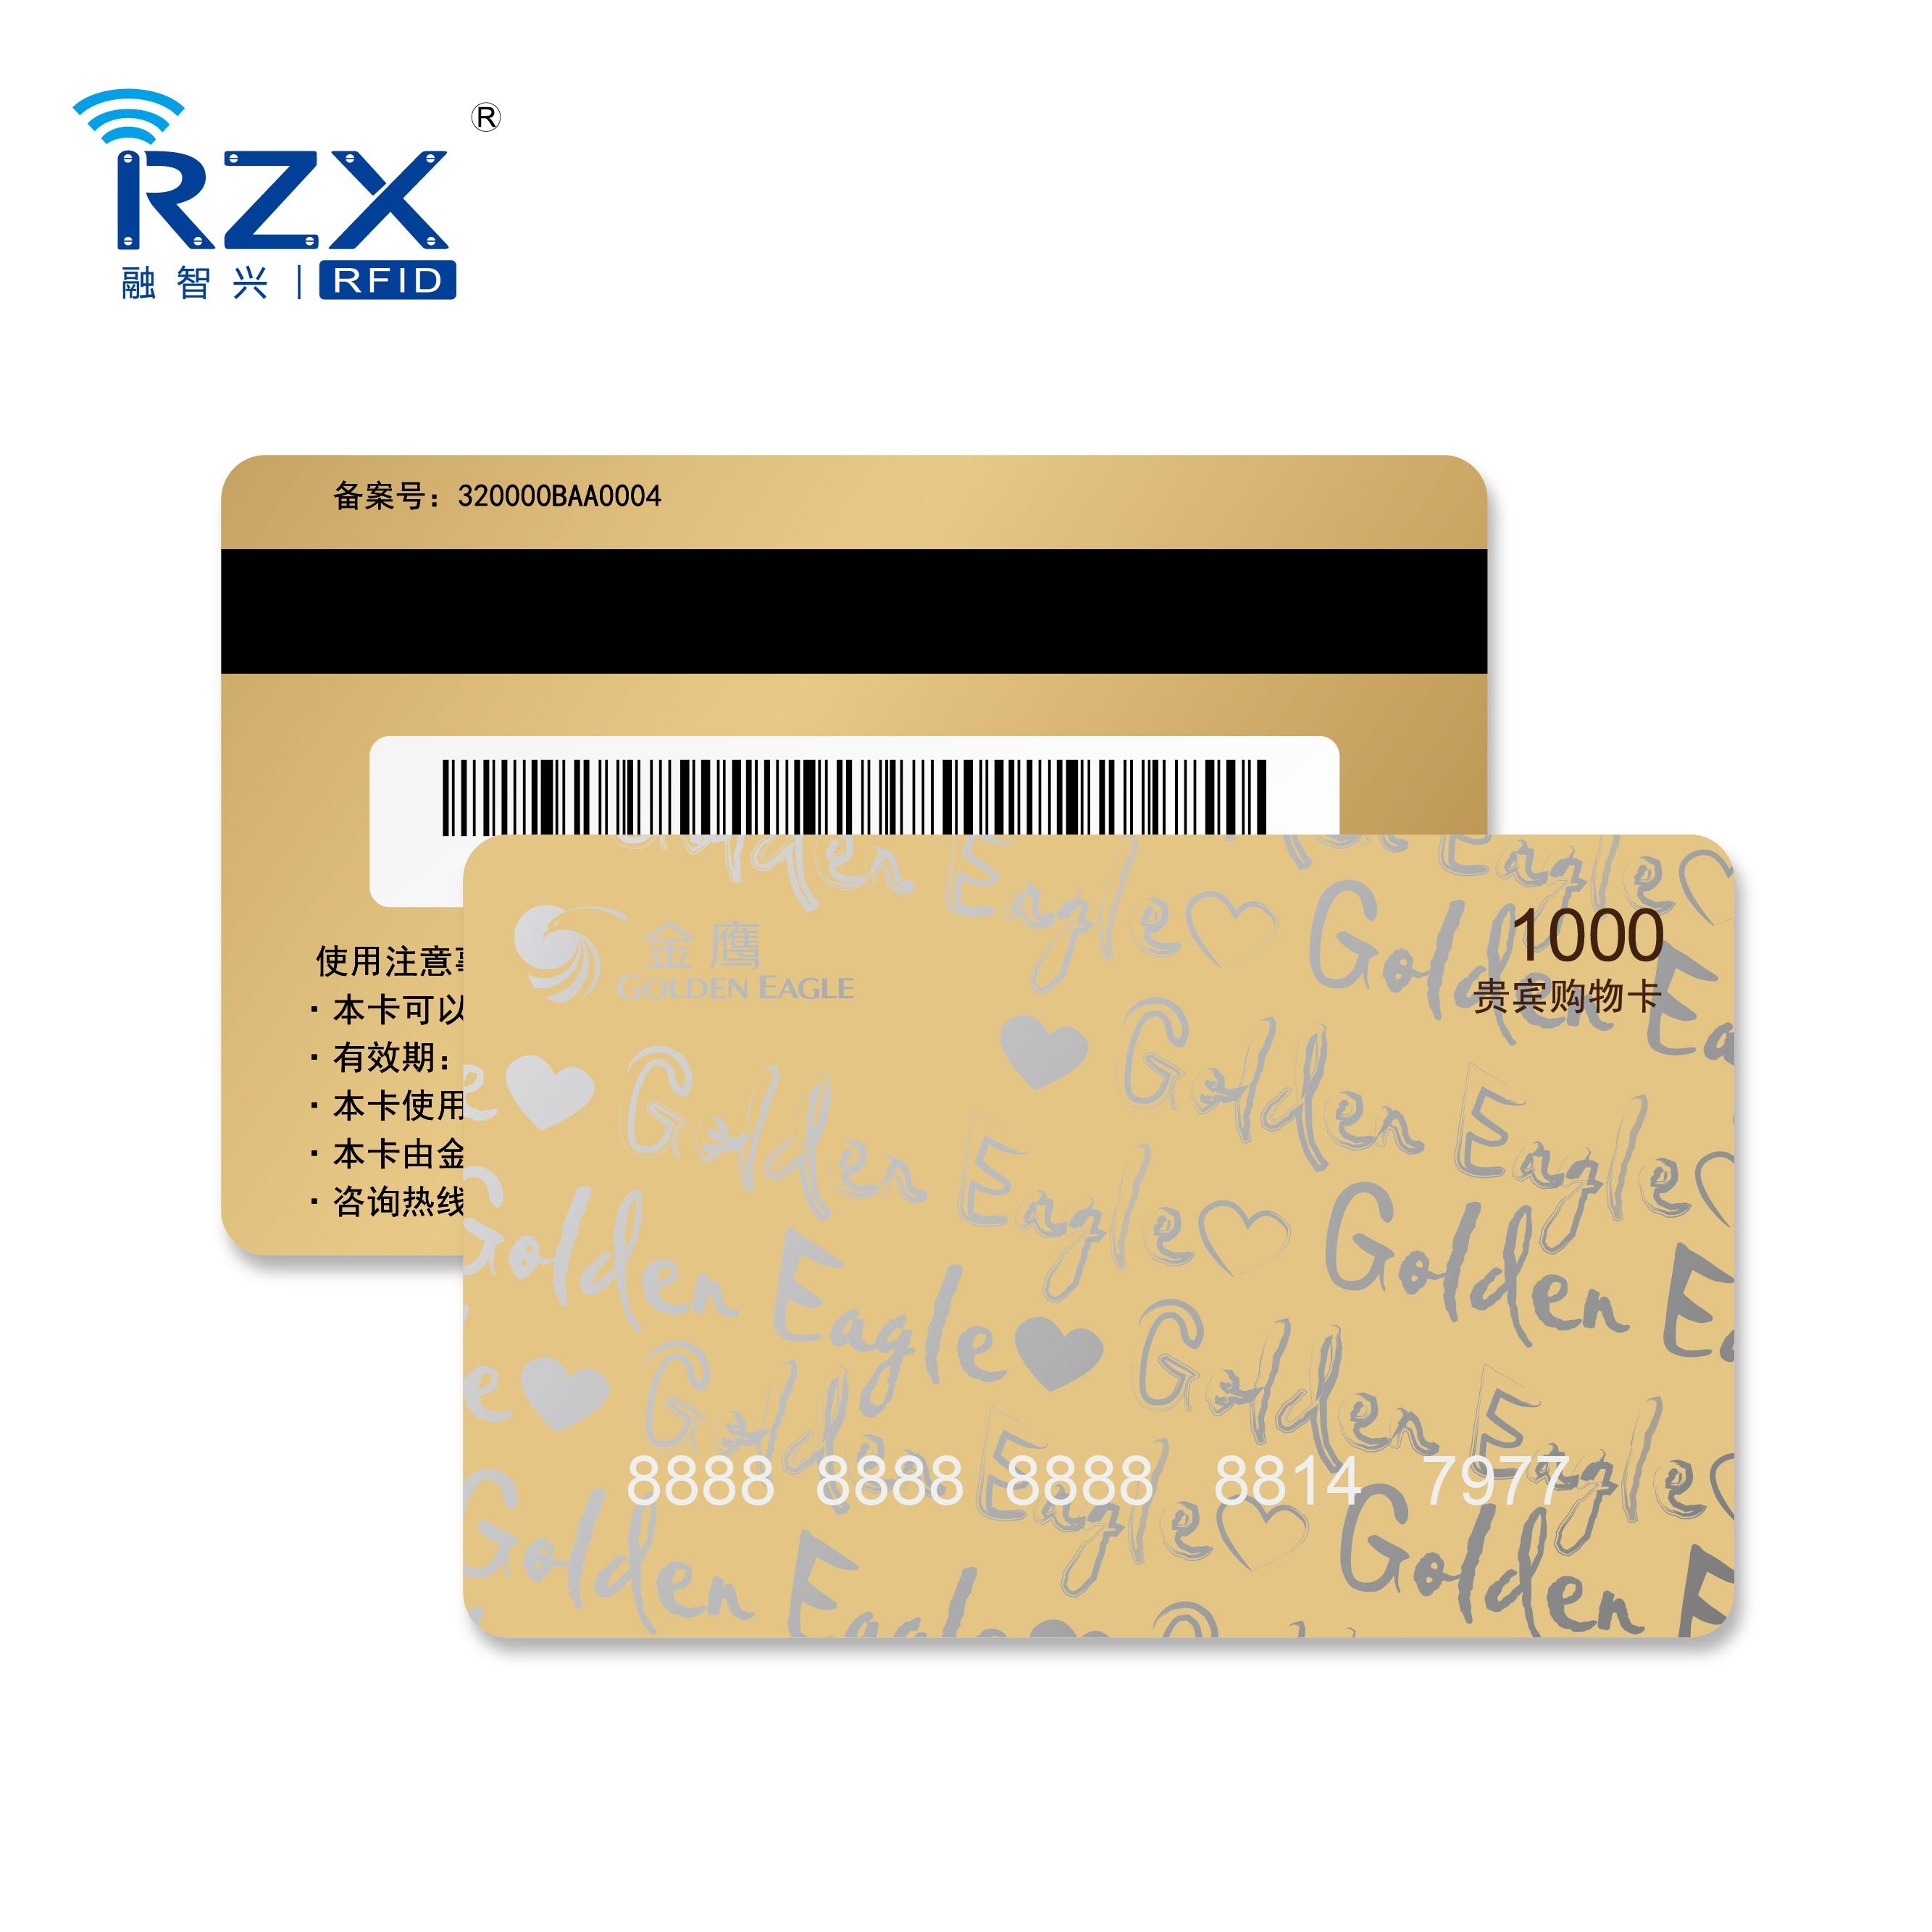 融智兴科谱:什么叫磁条卡?IC卡和磁条卡的优缺点和应用范围有哪些?